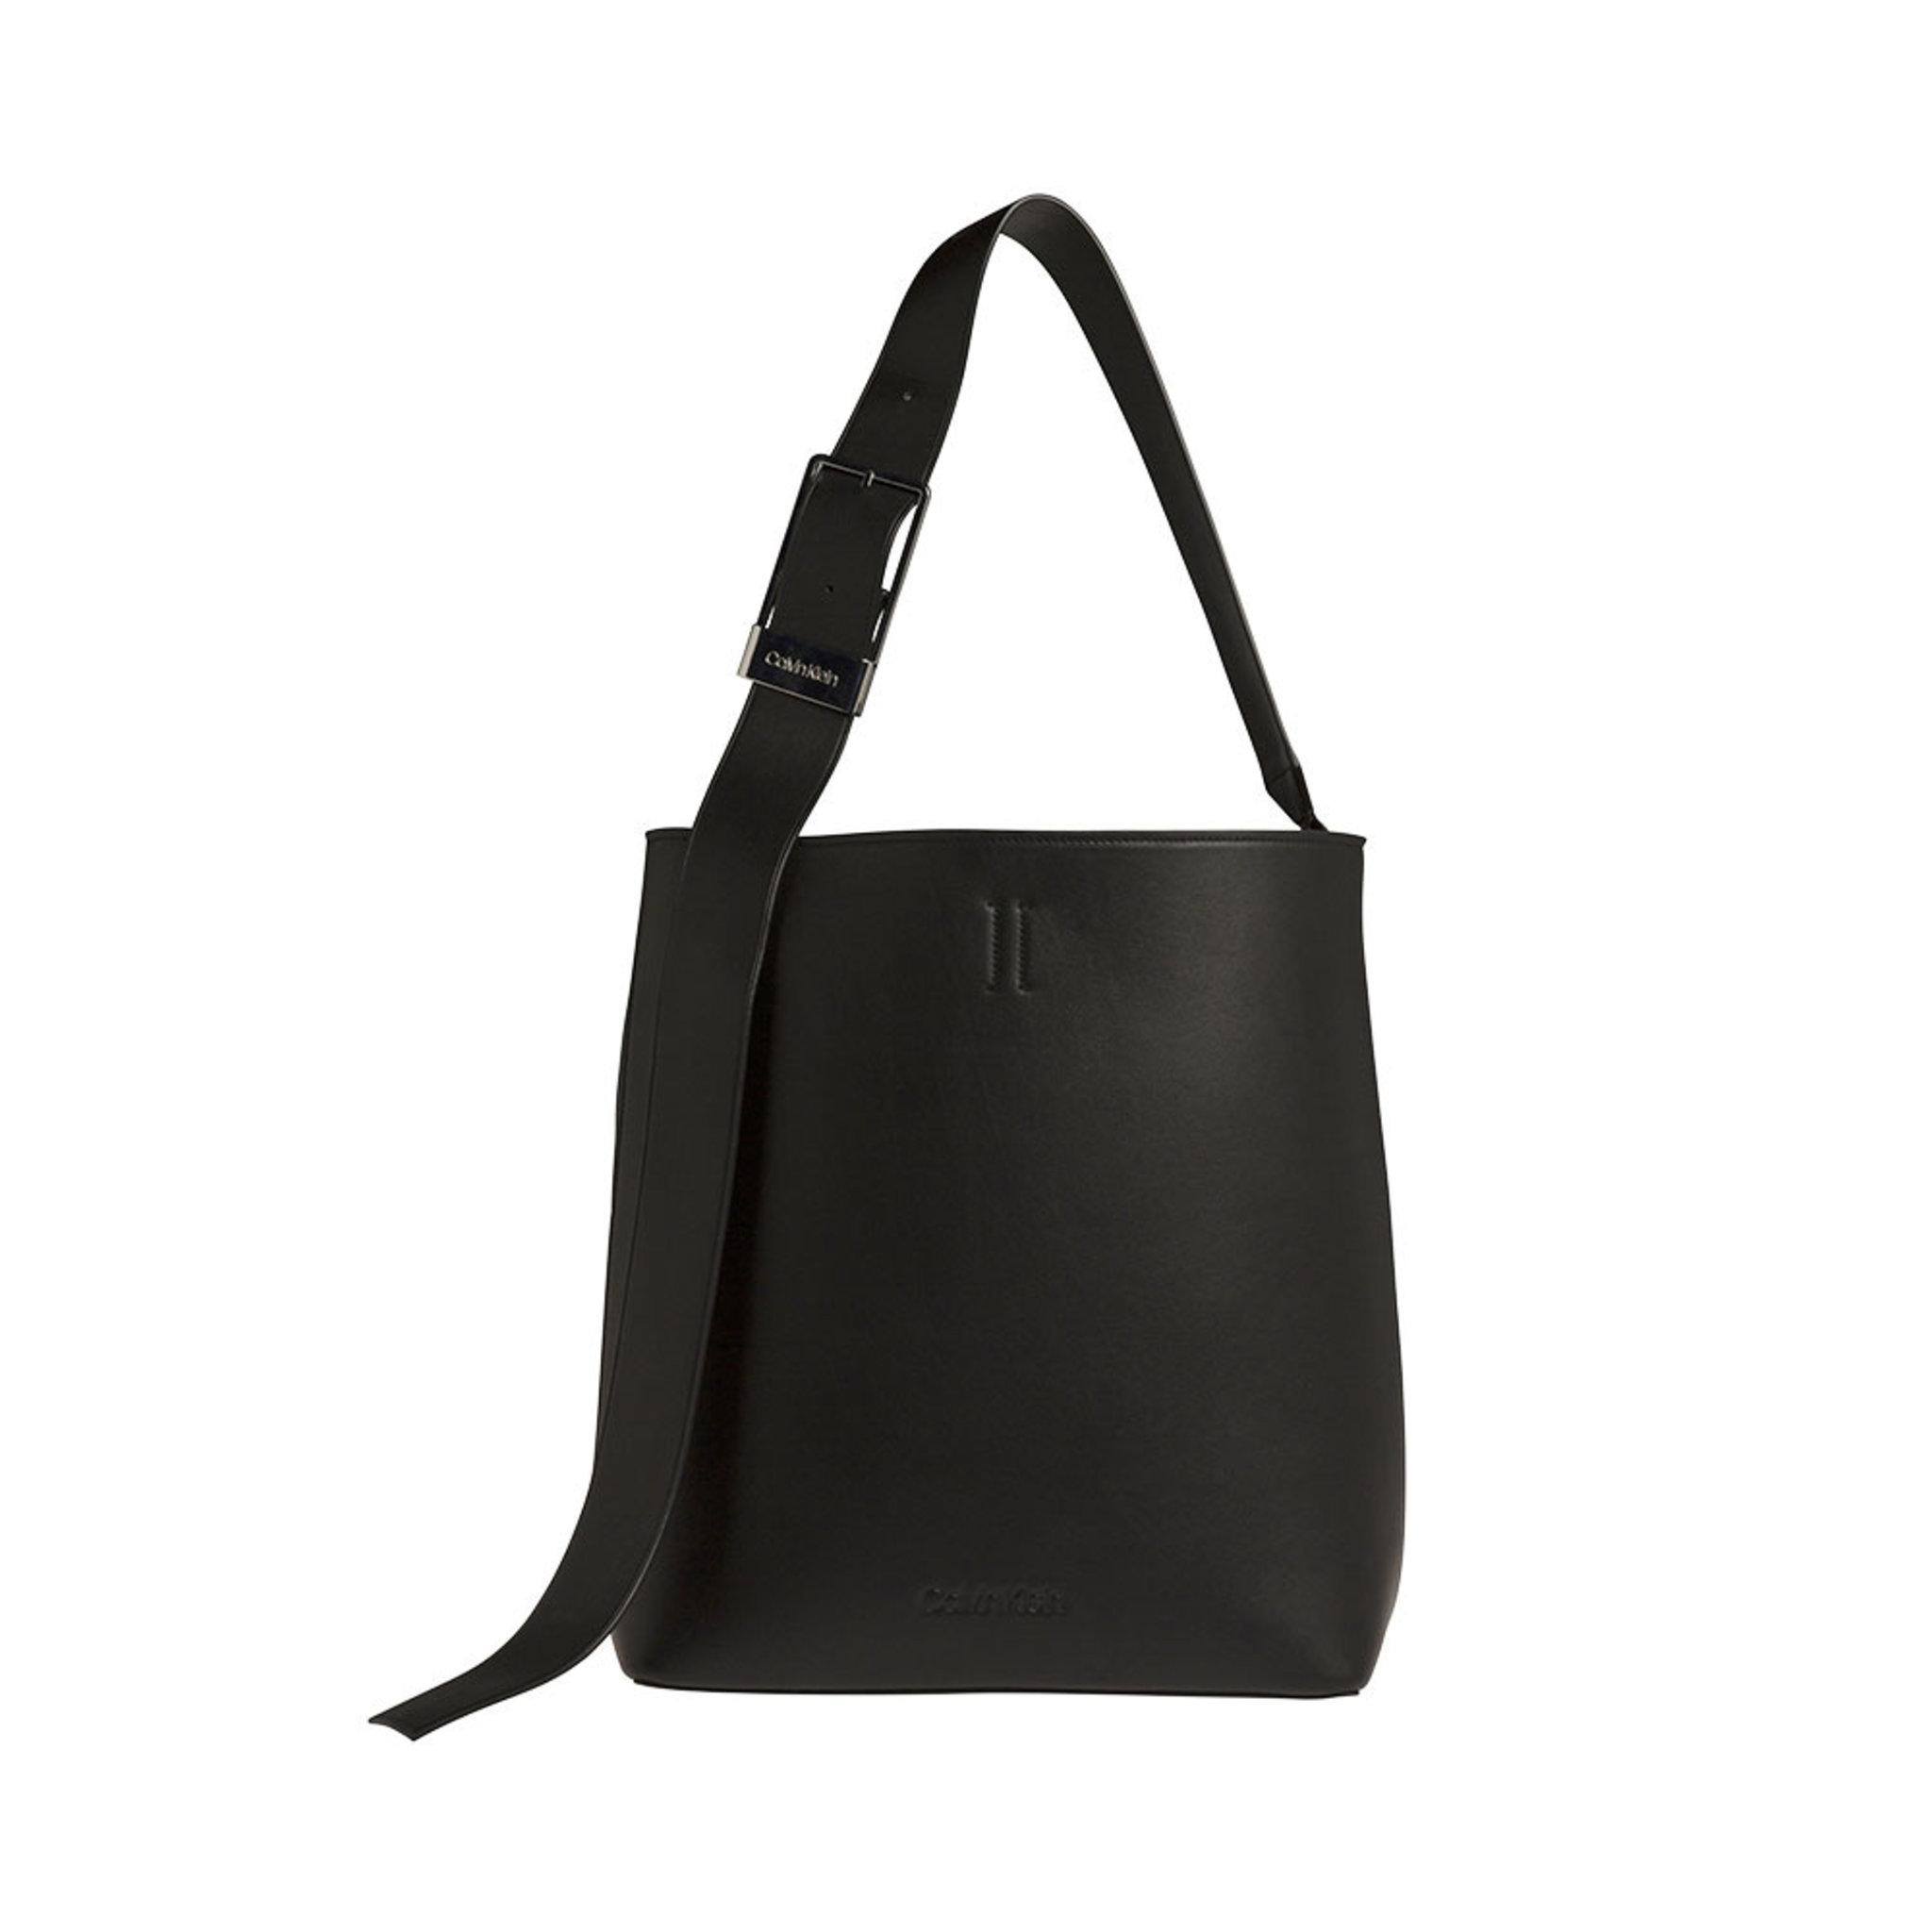 Strapped Large Hobo Bag - Axelremsväskor - Köp online på åhlens.se! 7b6eb2f0ea706